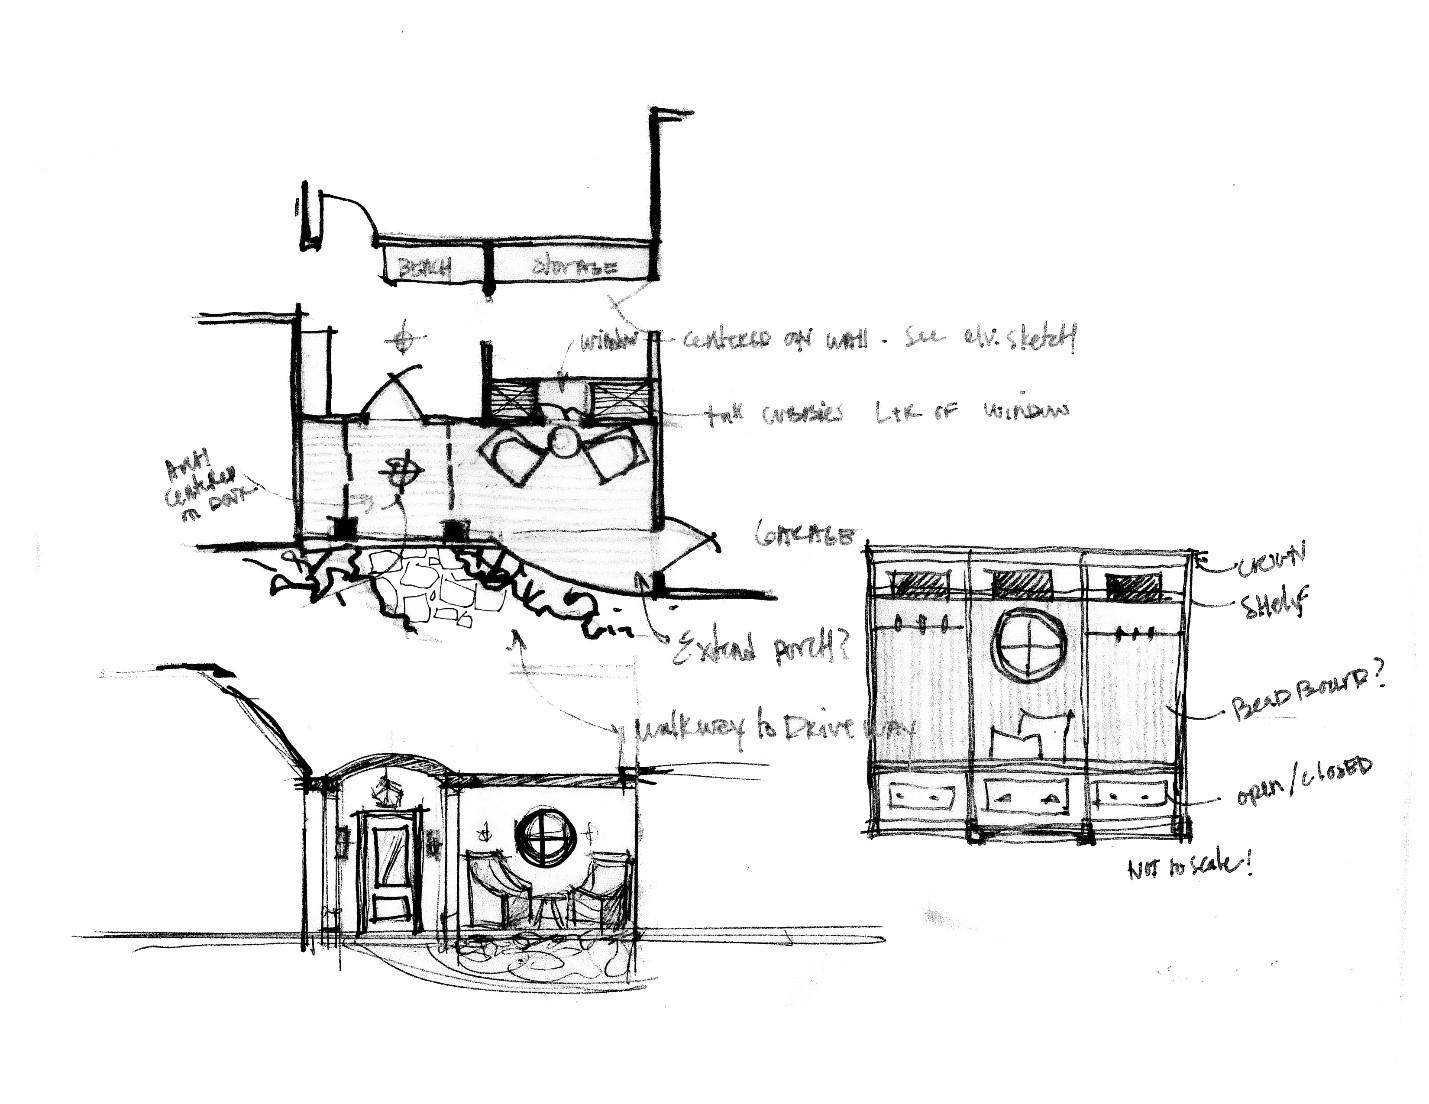 Conceptual sketch